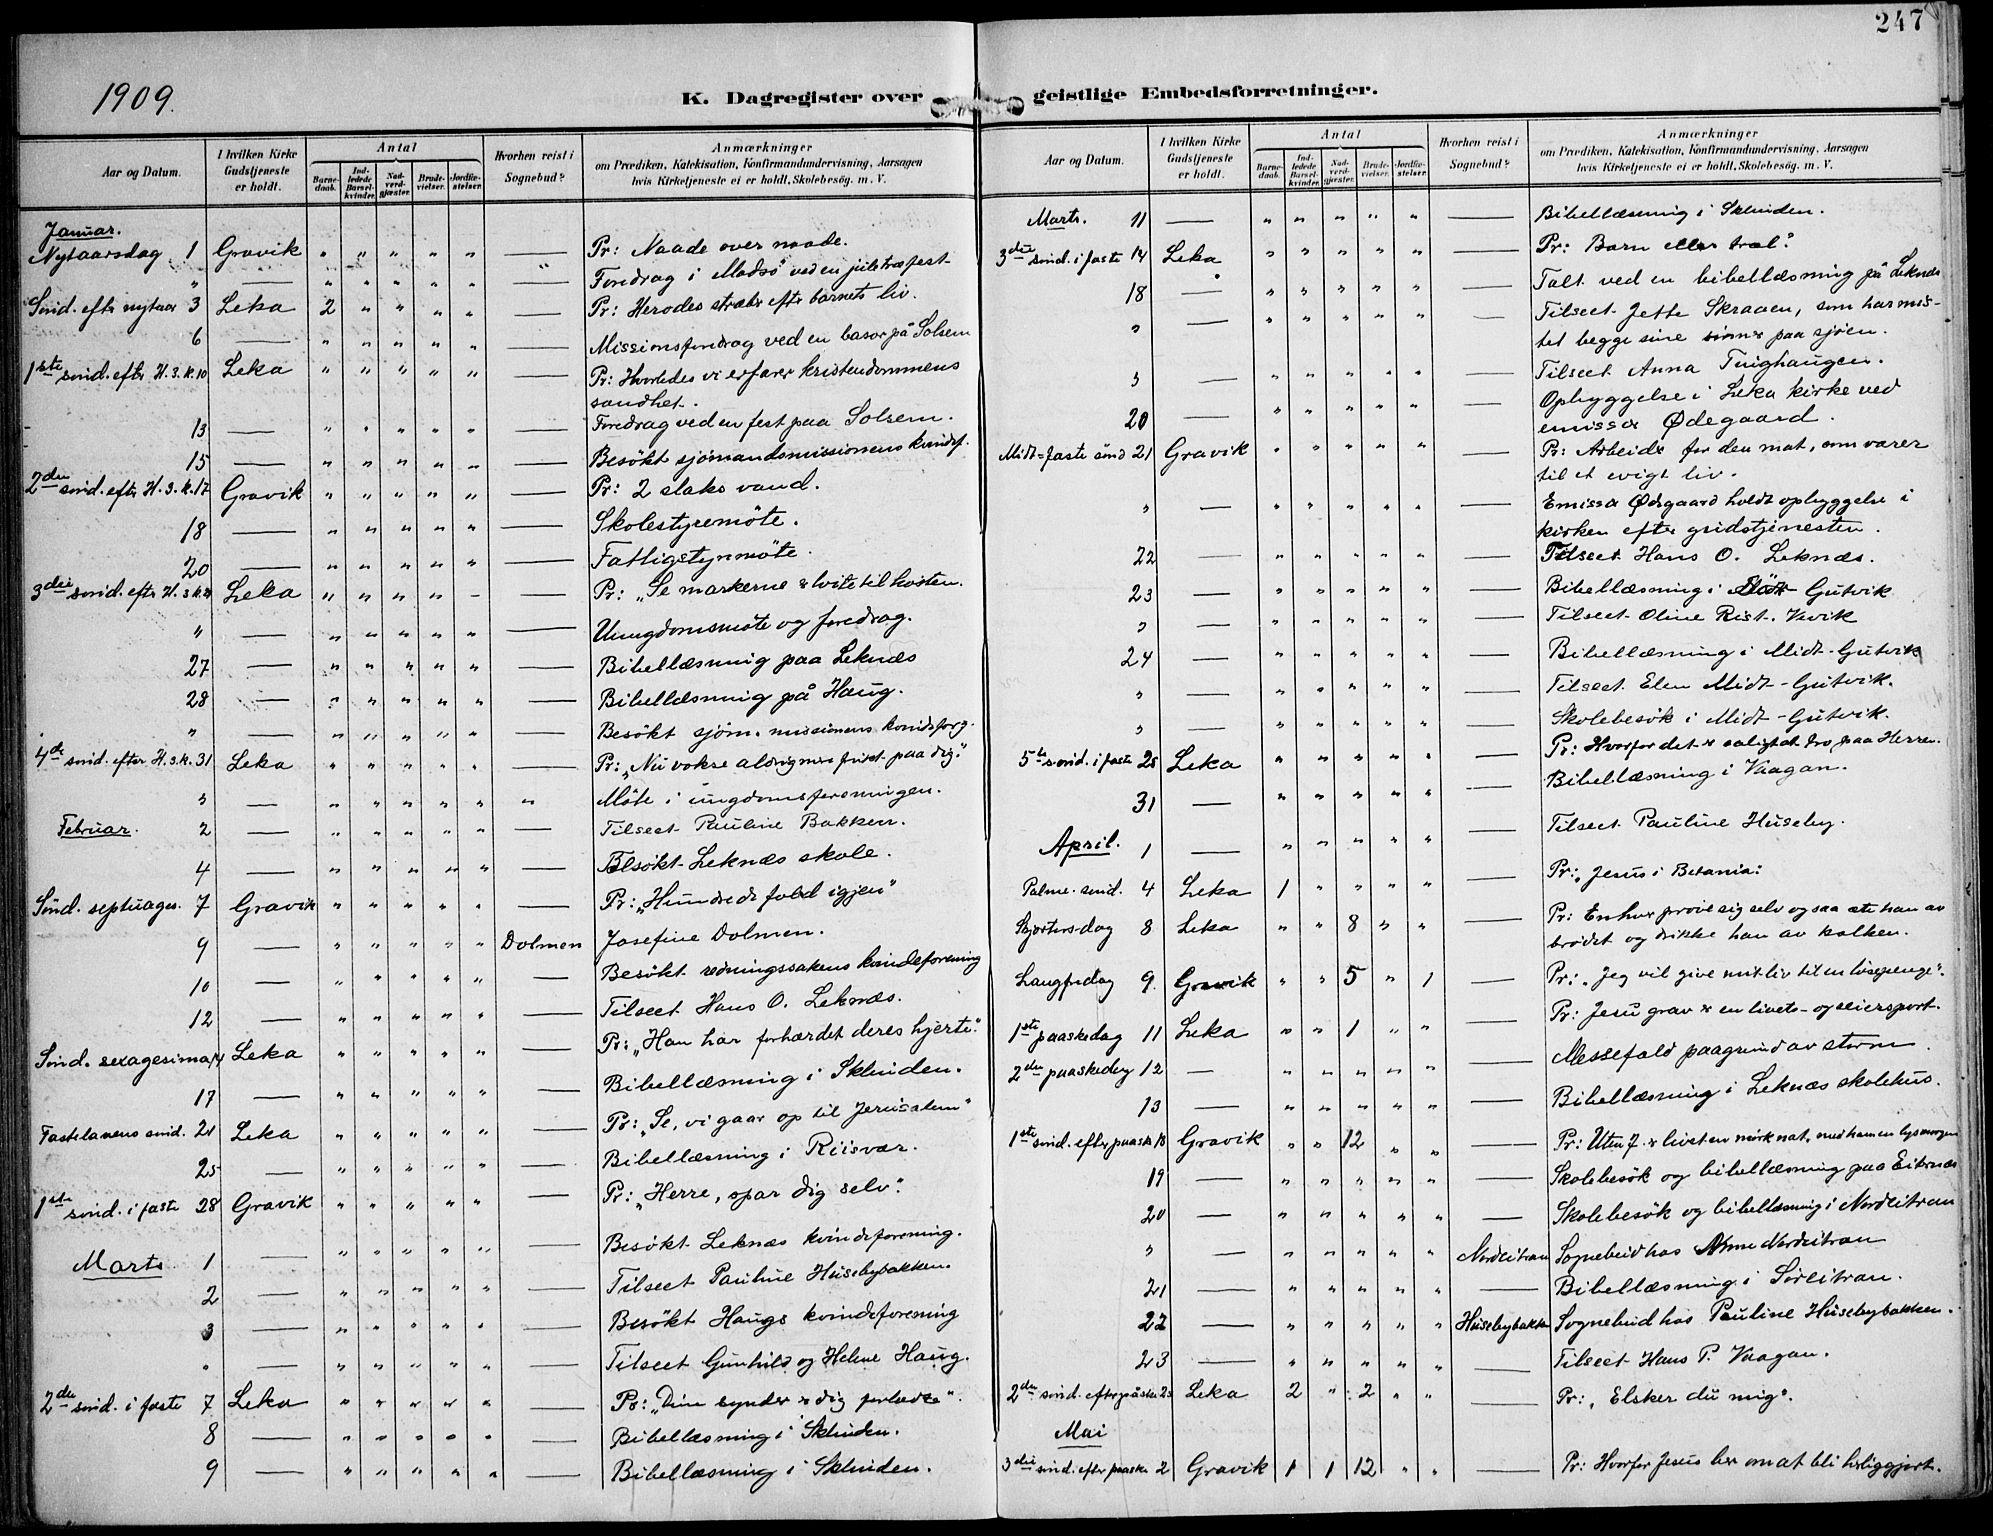 SAT, Ministerialprotokoller, klokkerbøker og fødselsregistre - Nord-Trøndelag, 788/L0698: Ministerialbok nr. 788A05, 1902-1921, s. 247